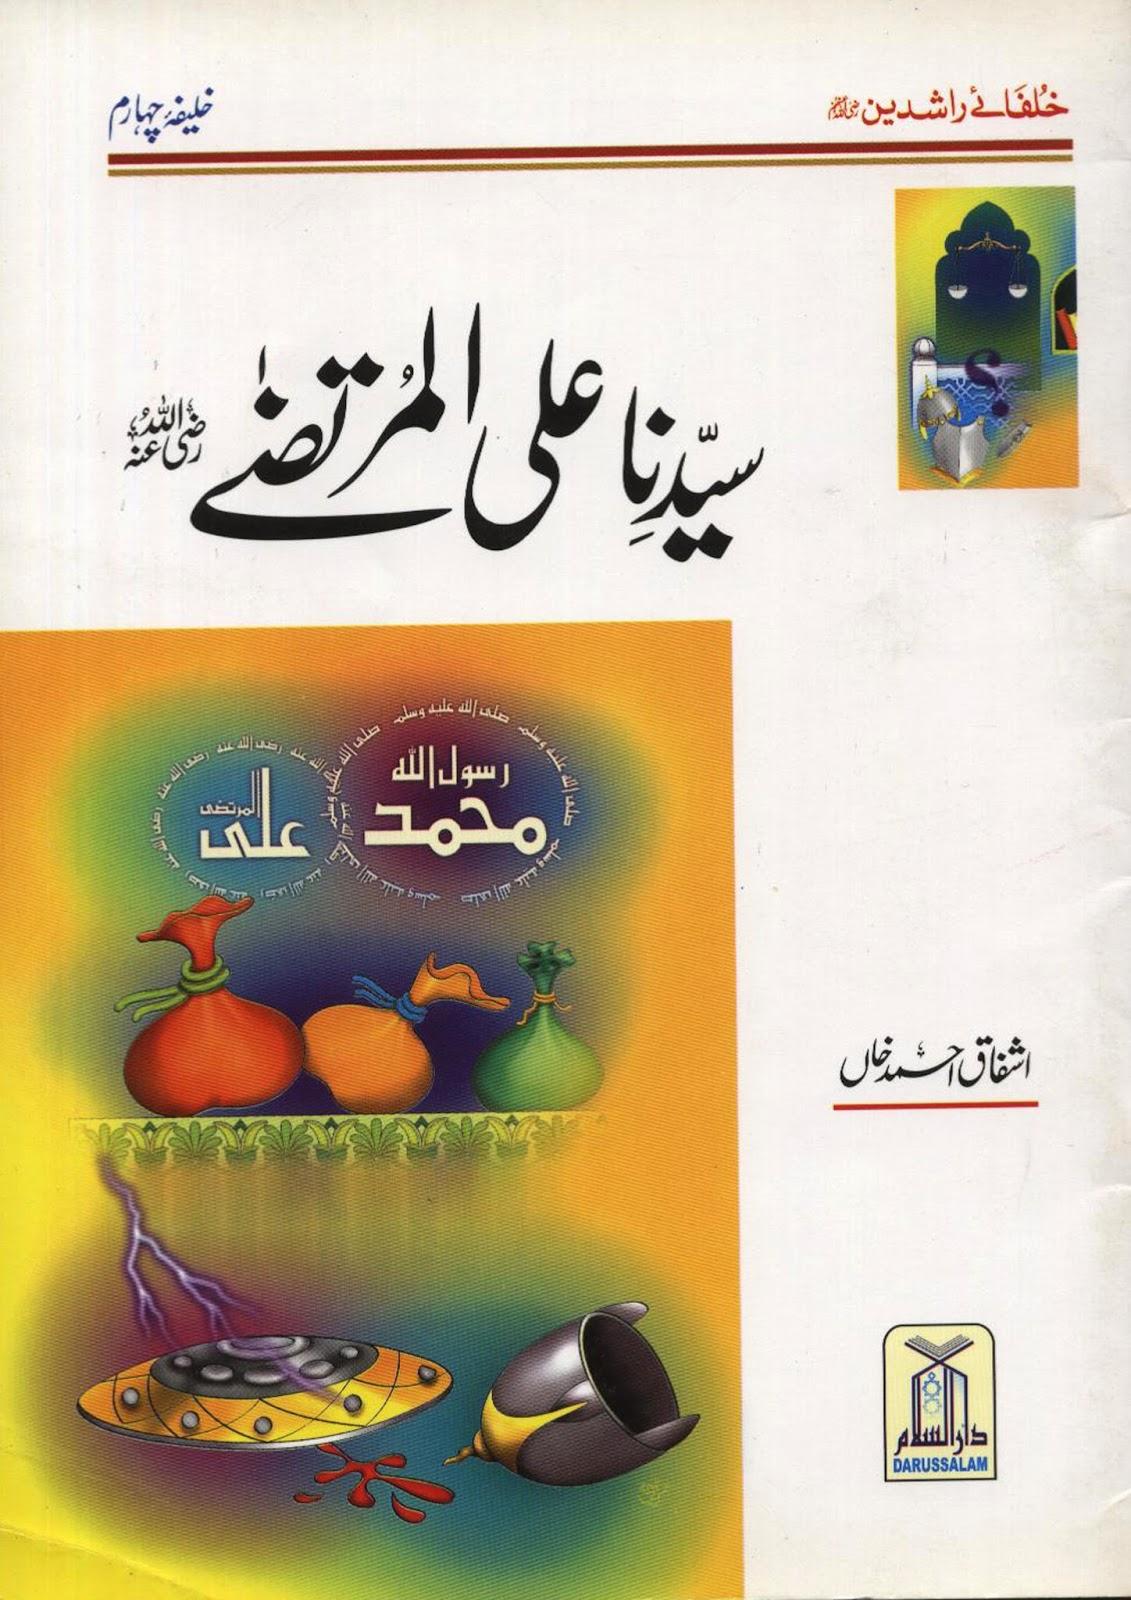 http://urduguru1.blogspot.com/2014/02/khalifa-e-chaharm-ali-murtaza-razi.html